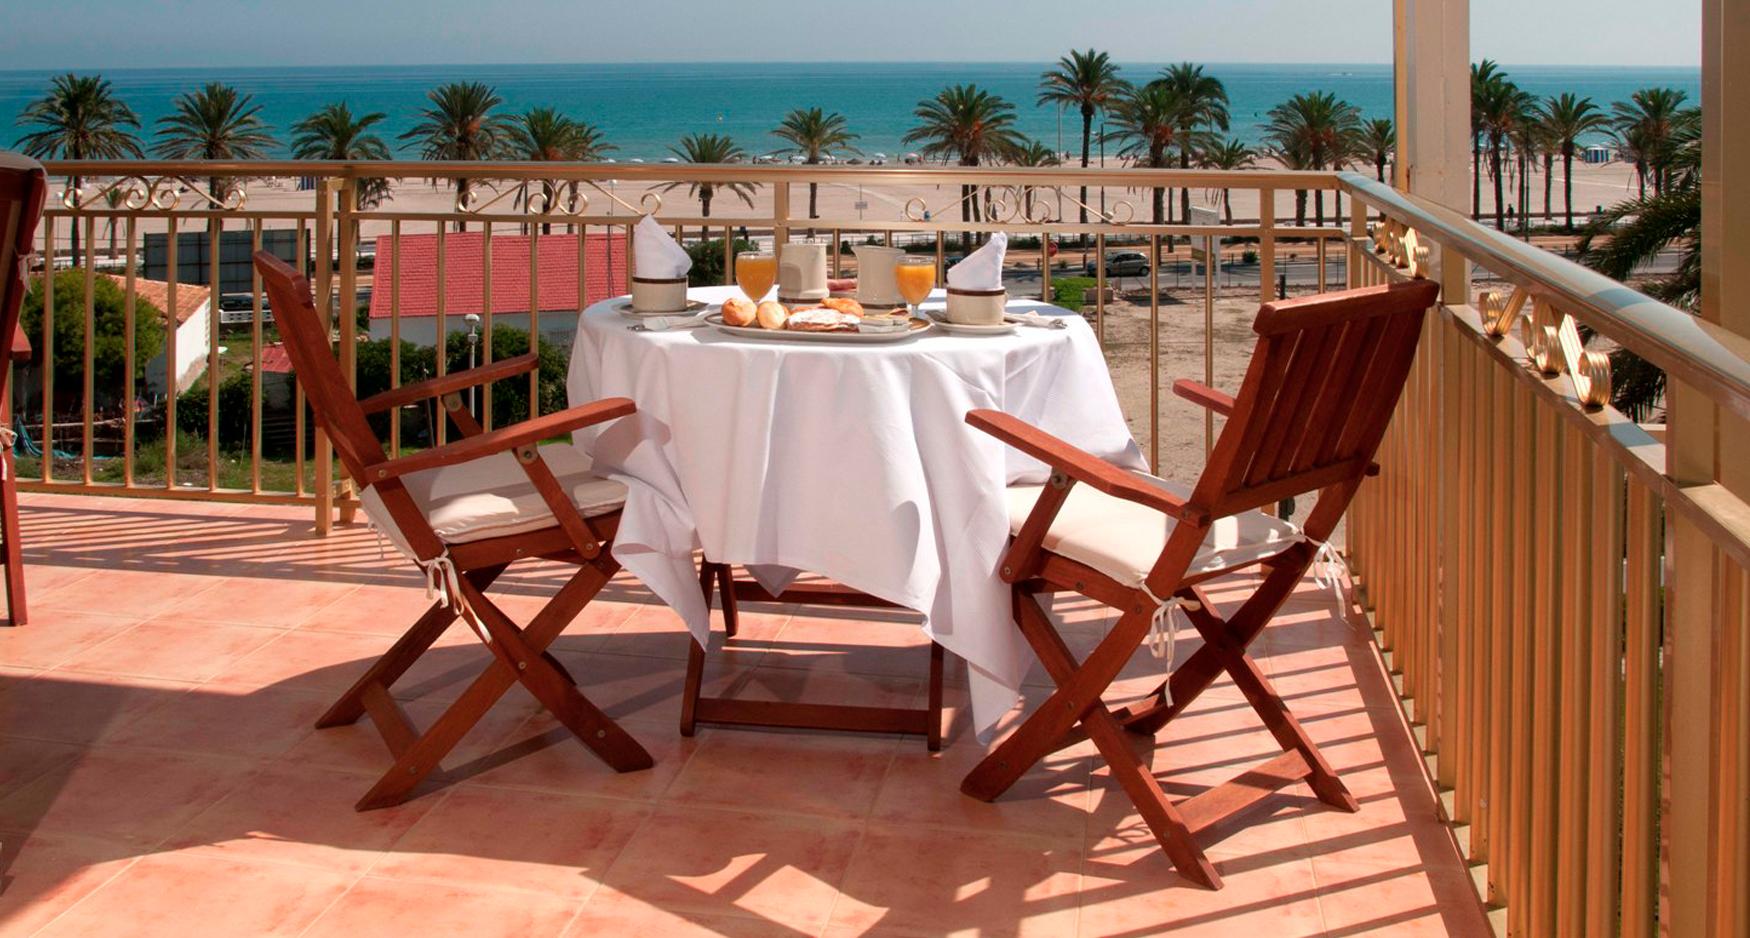 Hotel Almirante - APHA asocacion de hoteles y alojamientos turisticos de la provincia de Alicante 3